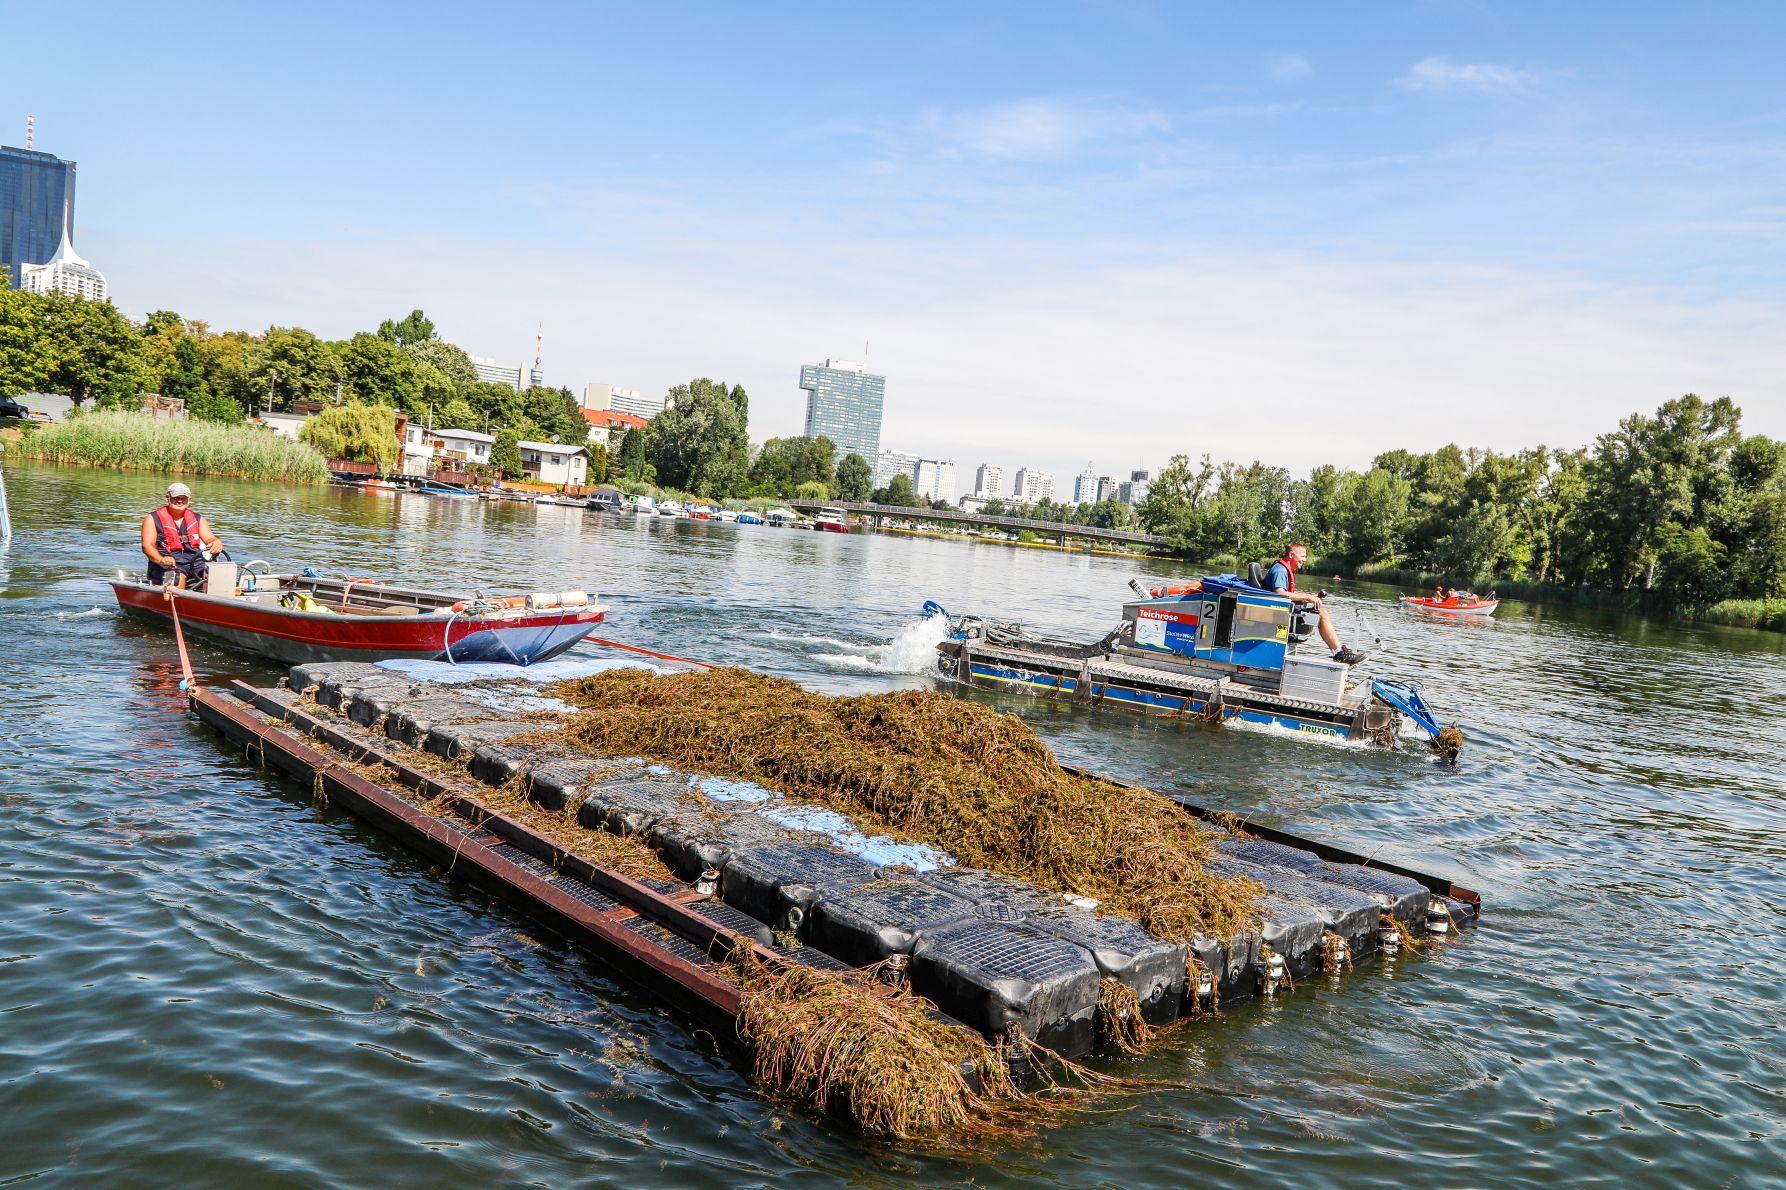 Mähboote in der Alten Donau starten in die Saison 2021. Bild: PID/Christian Fürthner.